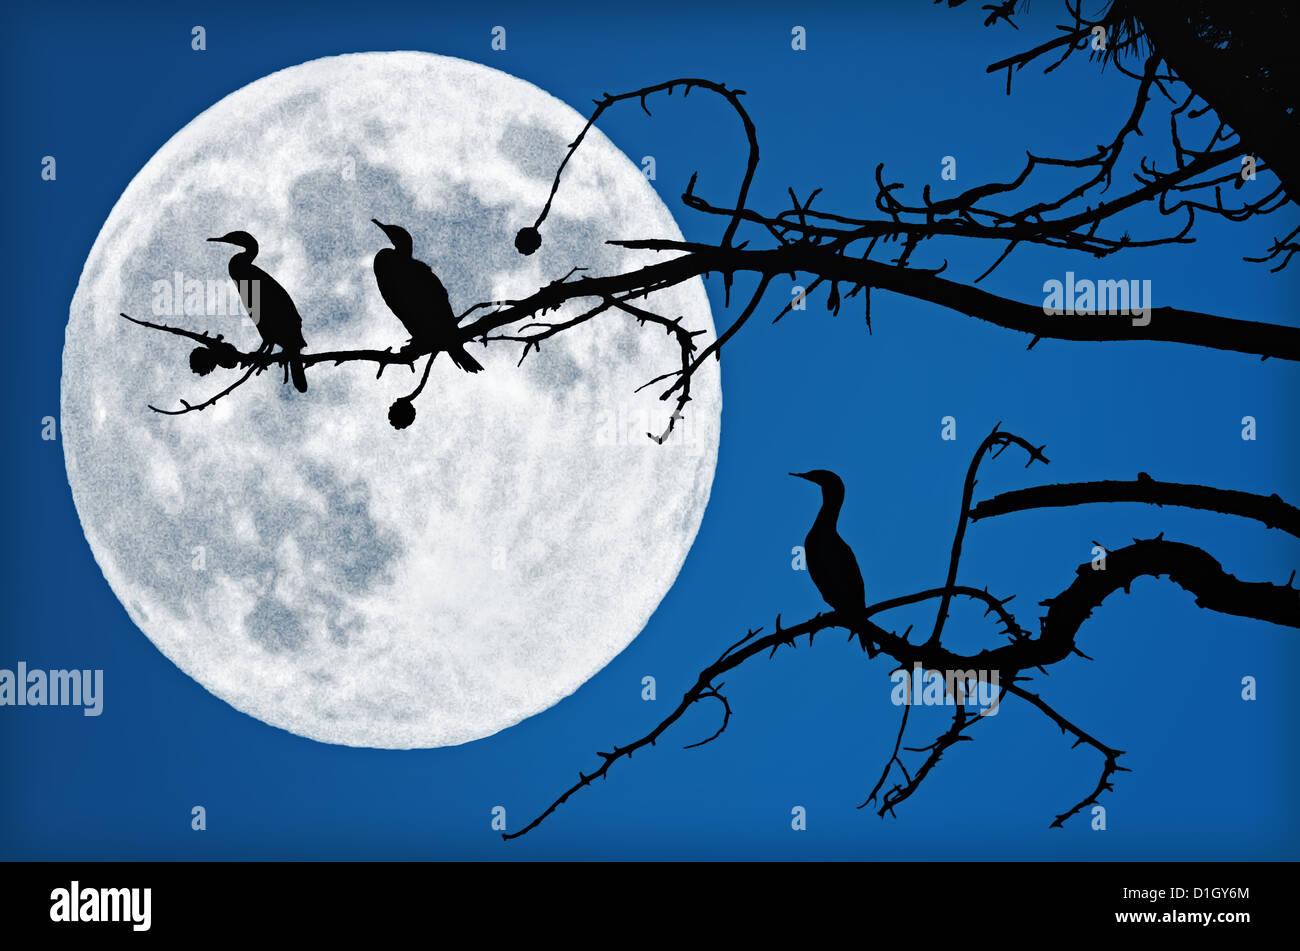 Drei Kormorane sind in einem Baum sitzen. Sie sind durch eine große, schöne, Vollmond Silhouette. Stockbild